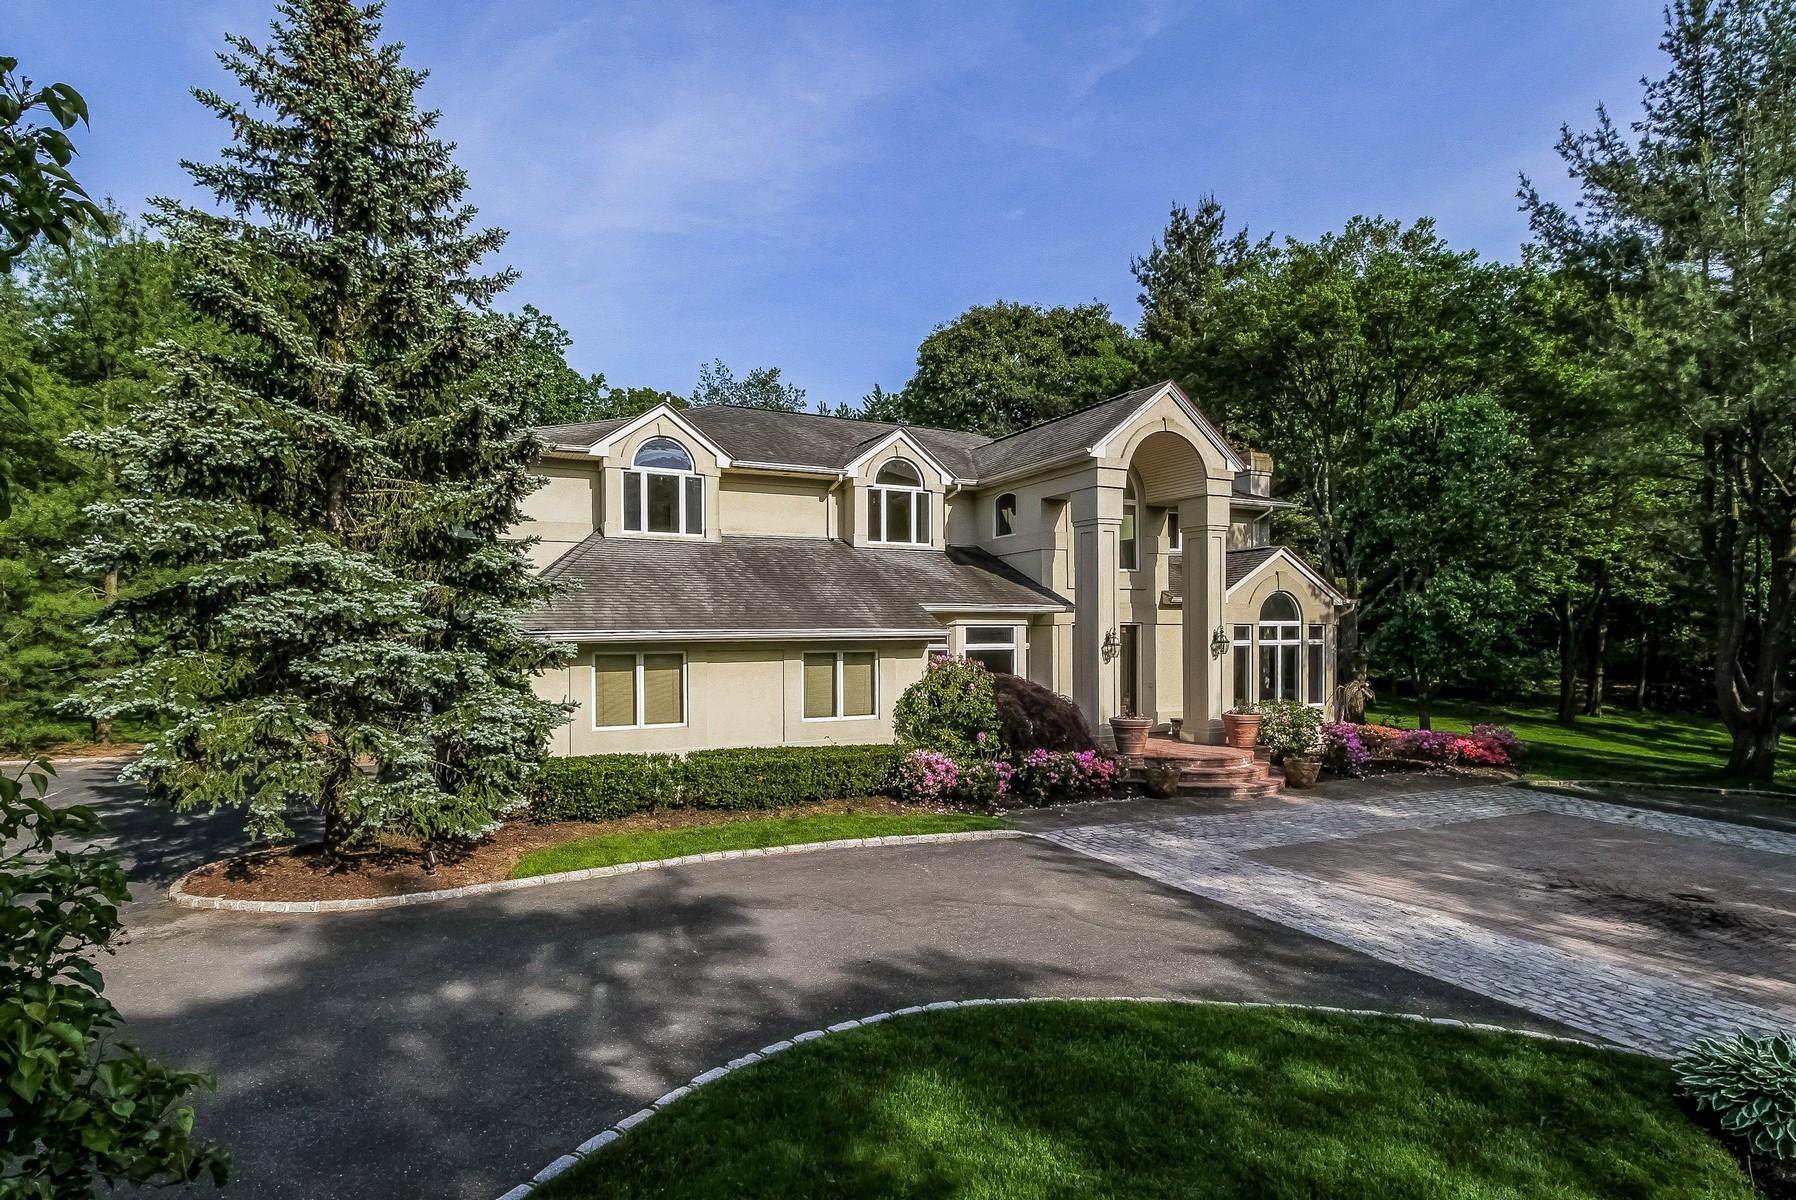 一戸建て のために 売買 アット Colonial 2 Overlook Dr Laurel Hollow, ニューヨーク 11791 アメリカ合衆国